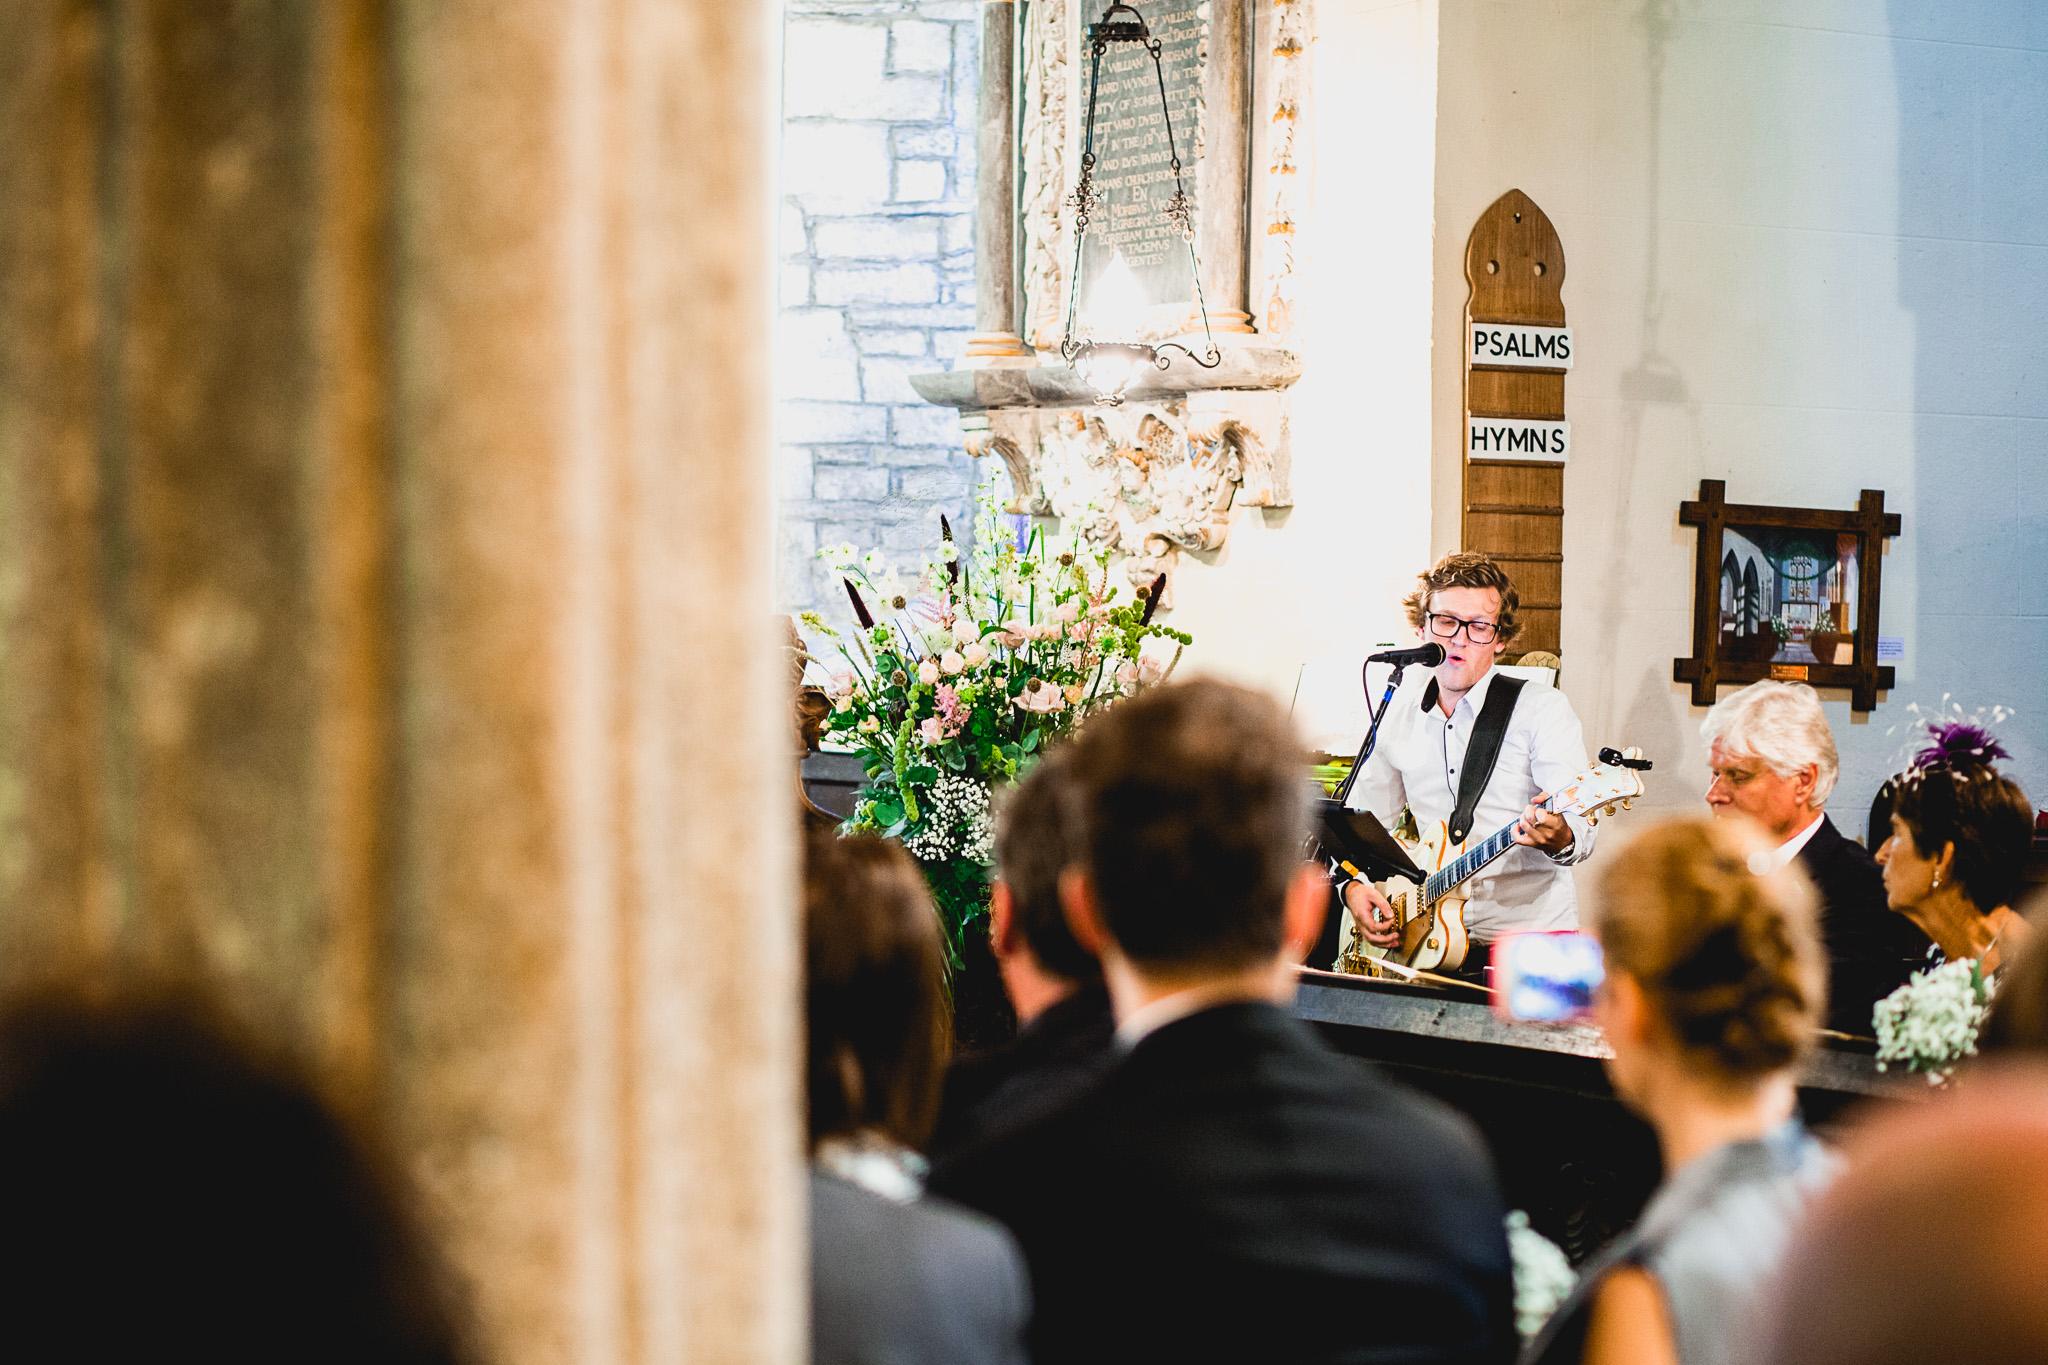 Lara & Jack Wedding 220815 by Barney Walters_436_5D3B1528